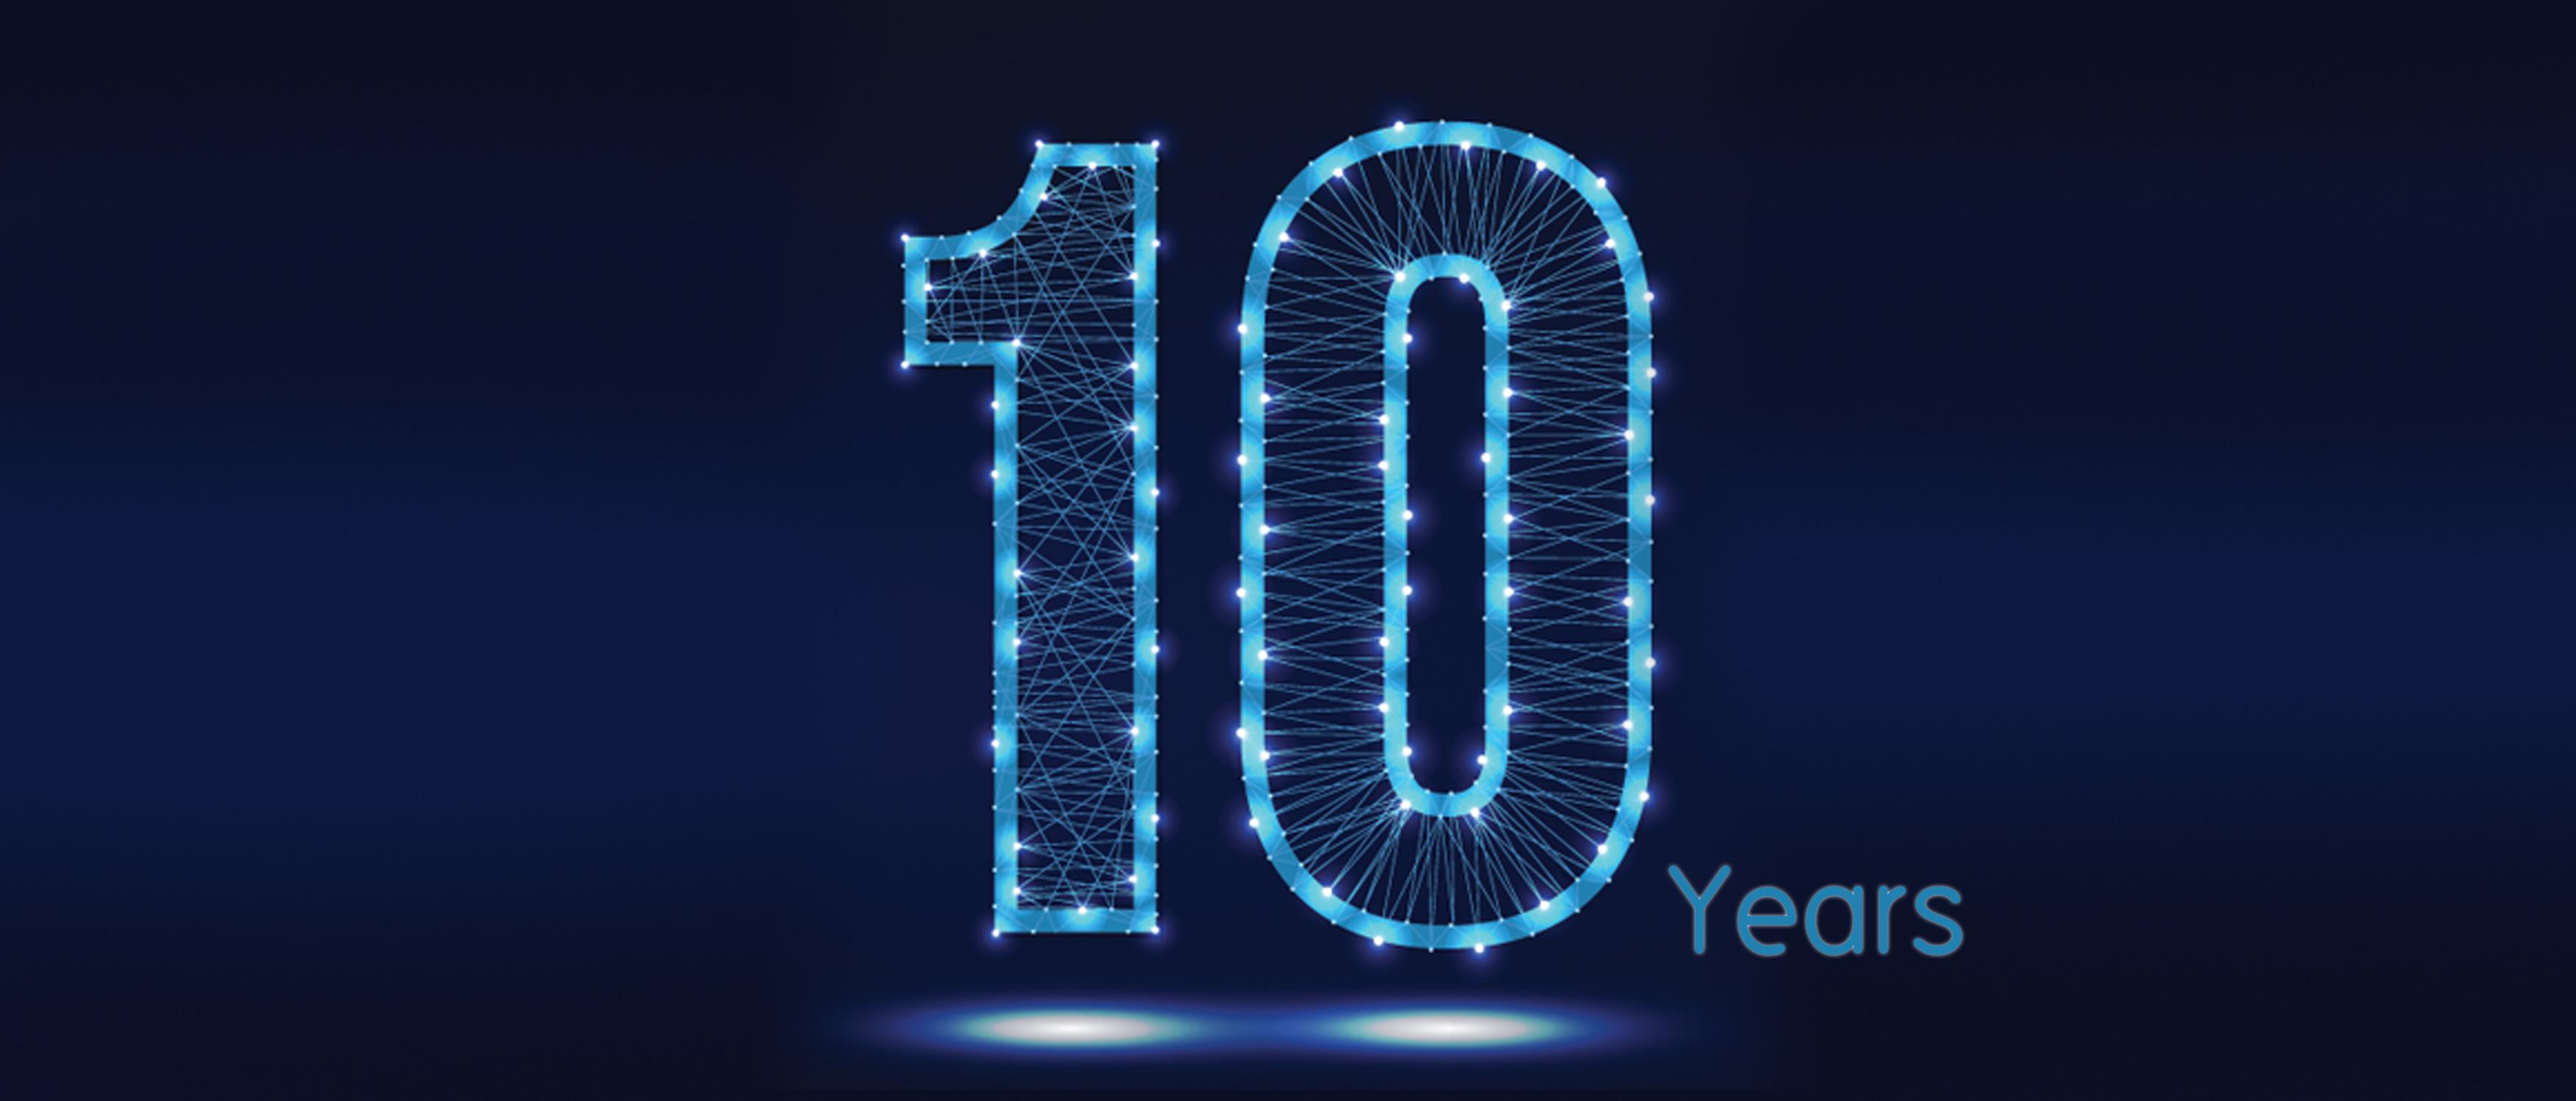 10 years NetaDesign